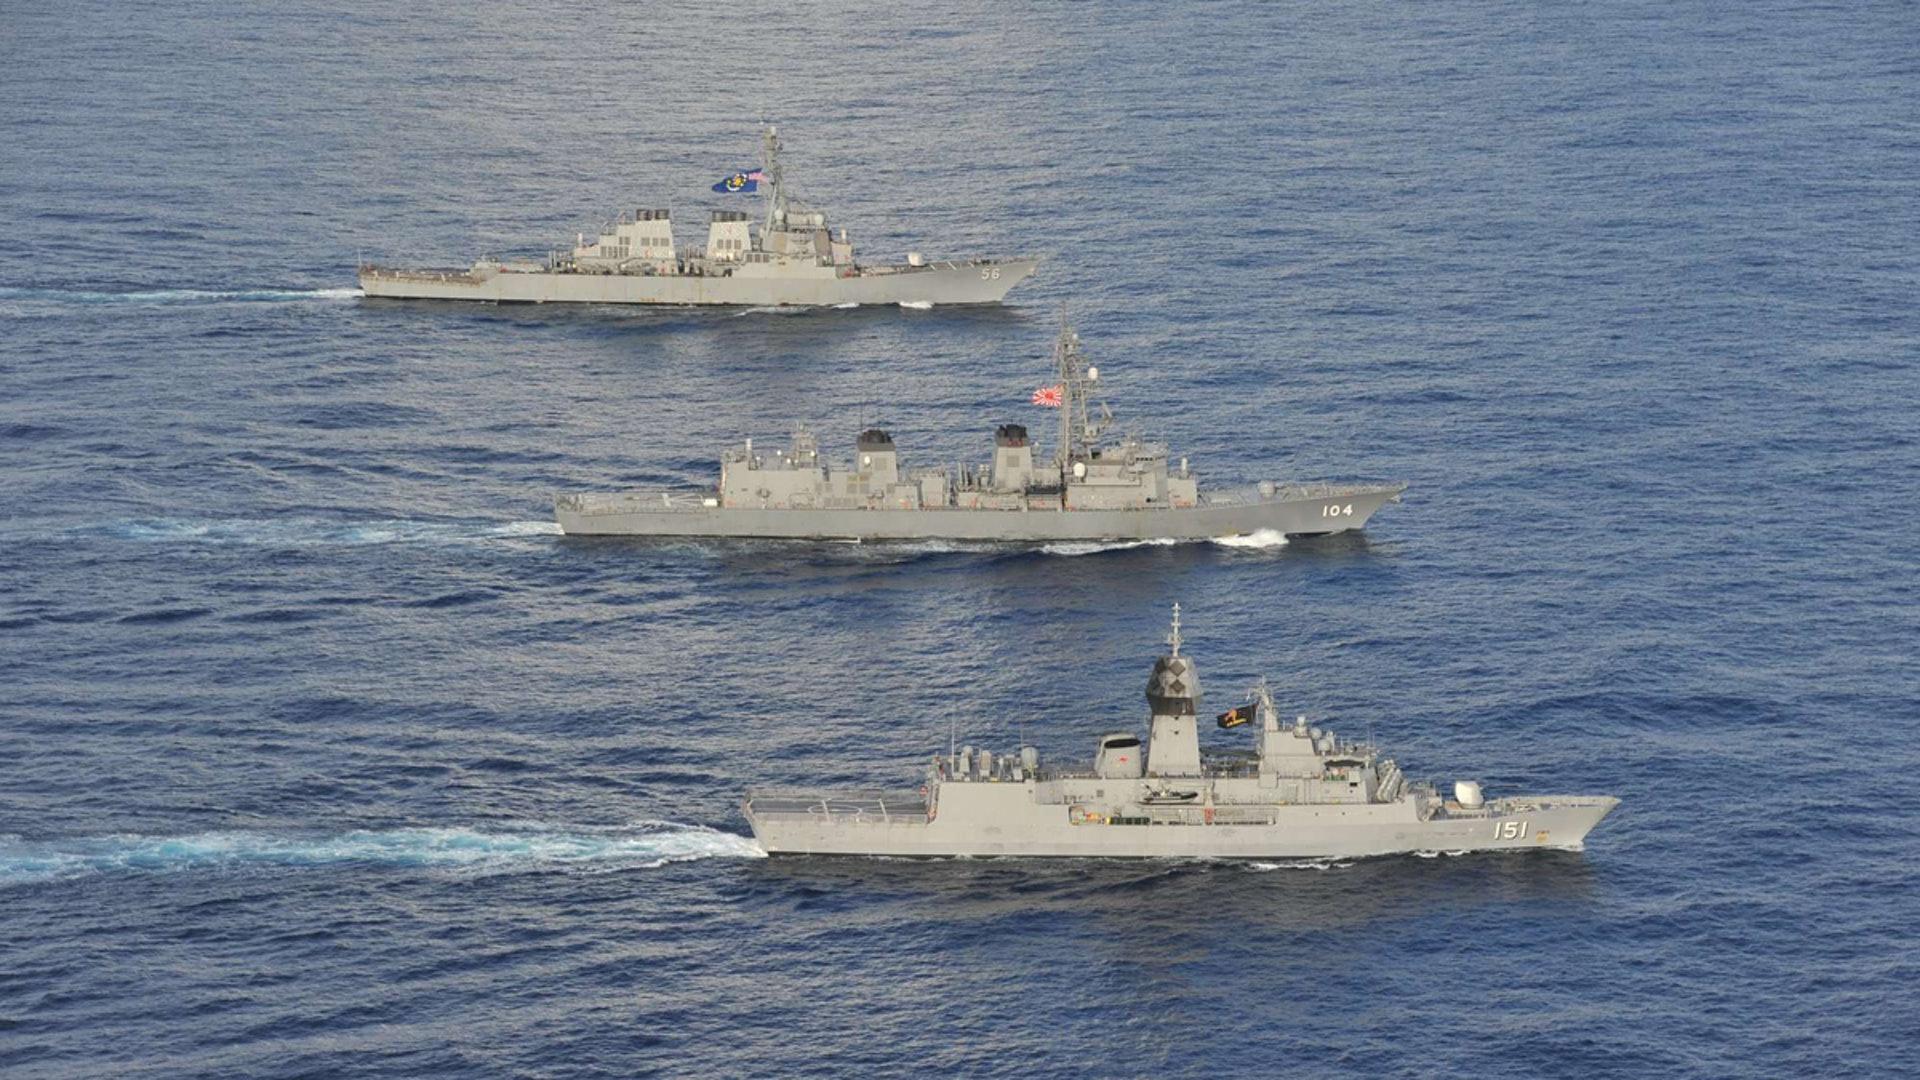 2020年10月19日至20日,美國、日本與澳洲等三國海軍在南海舉行了三邊海軍演習。(Twitter@USPacificFleet)